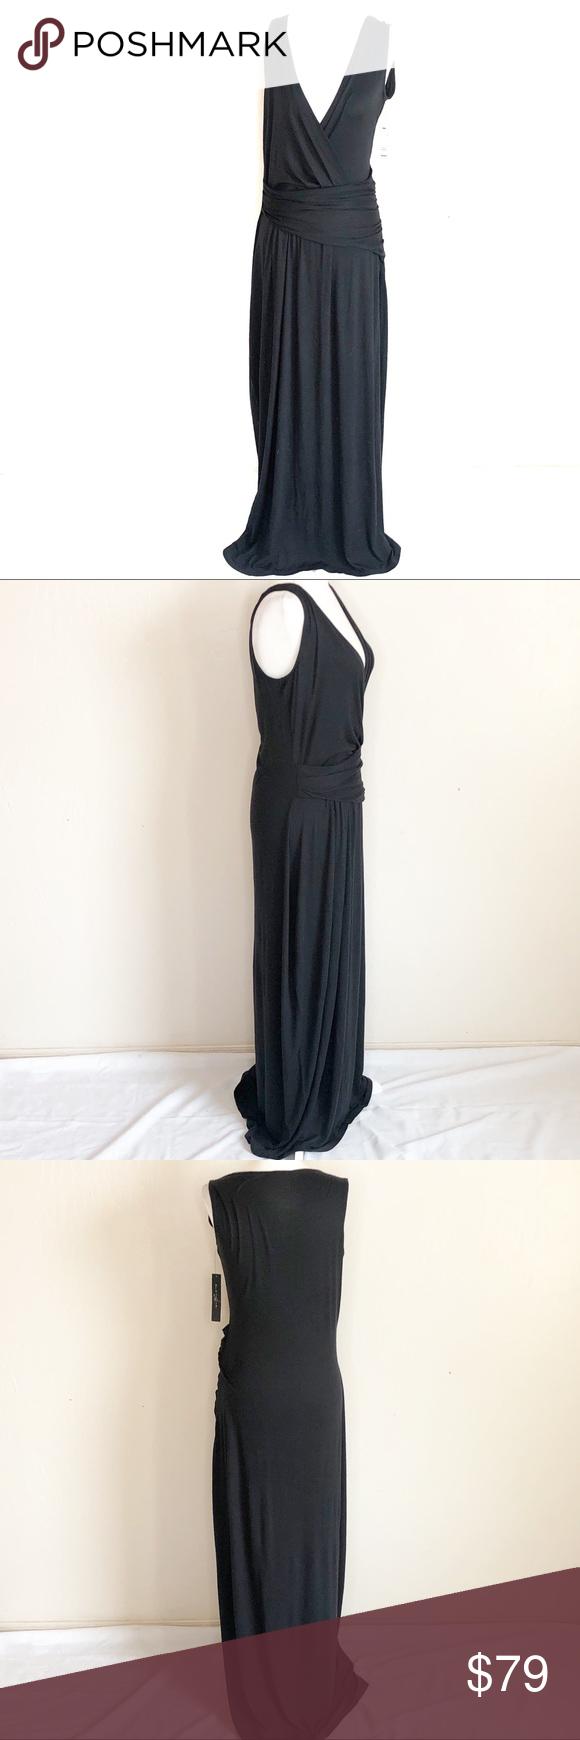 Elie Tahari Black Maxi Dress B18 Black Maxi Dress Elie Tahari Dresses Clothes Design [ 1740 x 580 Pixel ]